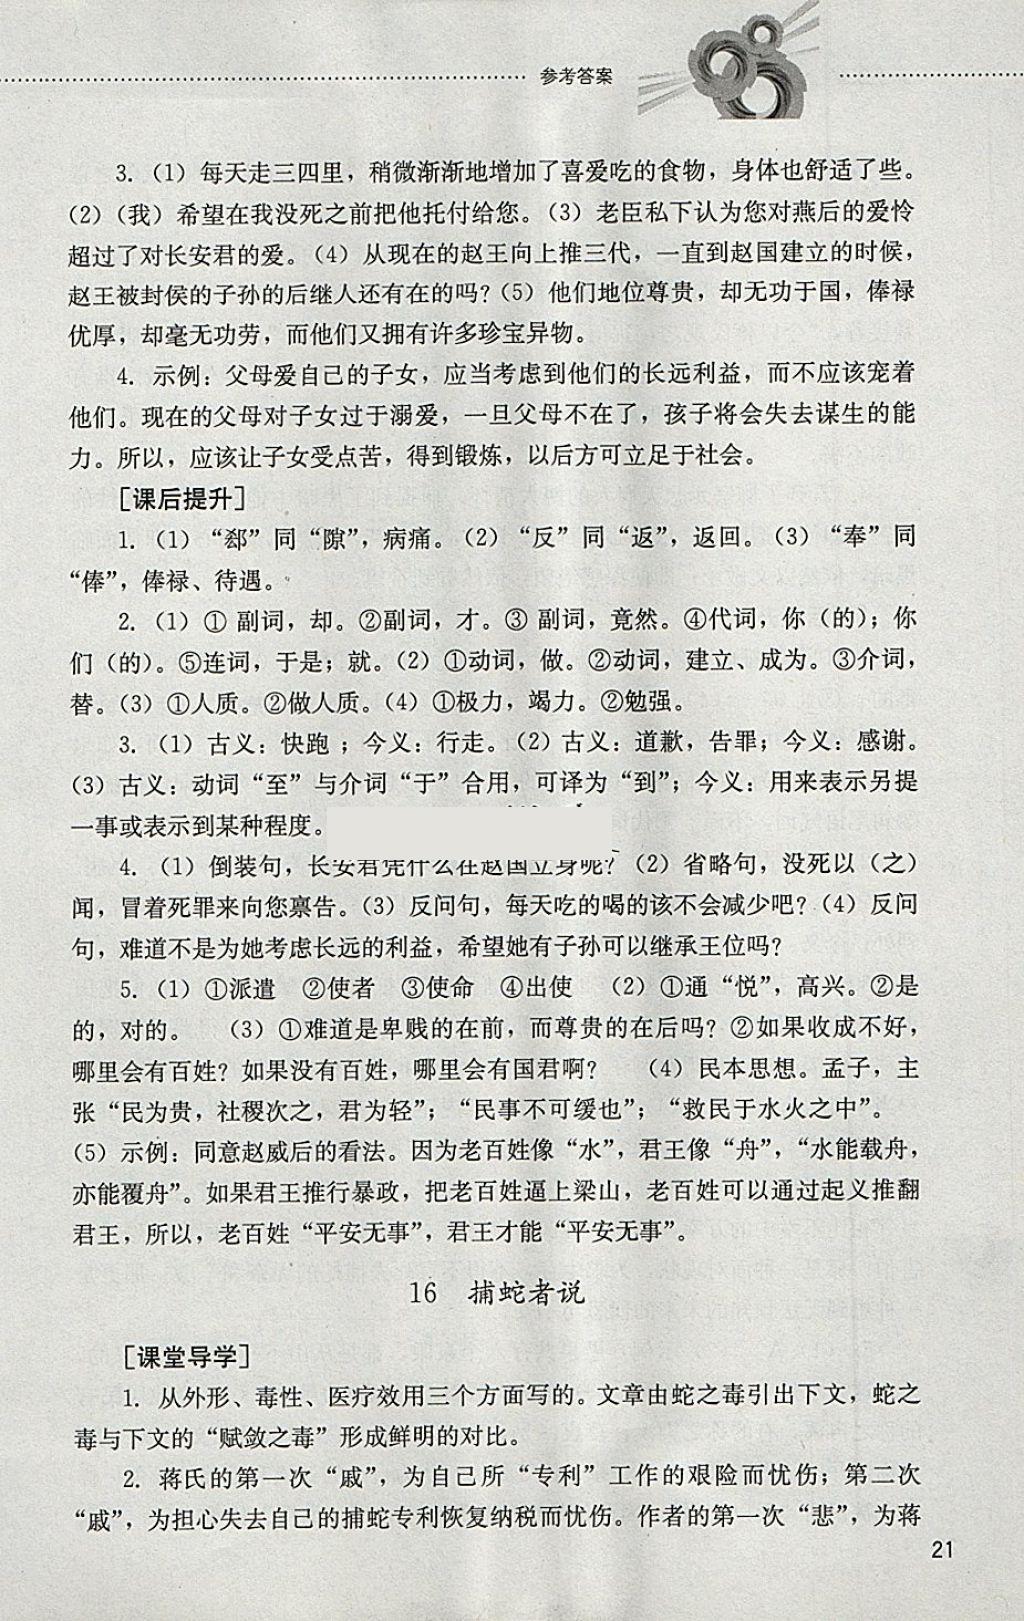 2018年初中课堂同步训练九年级语文下册山东文艺出版社第21页